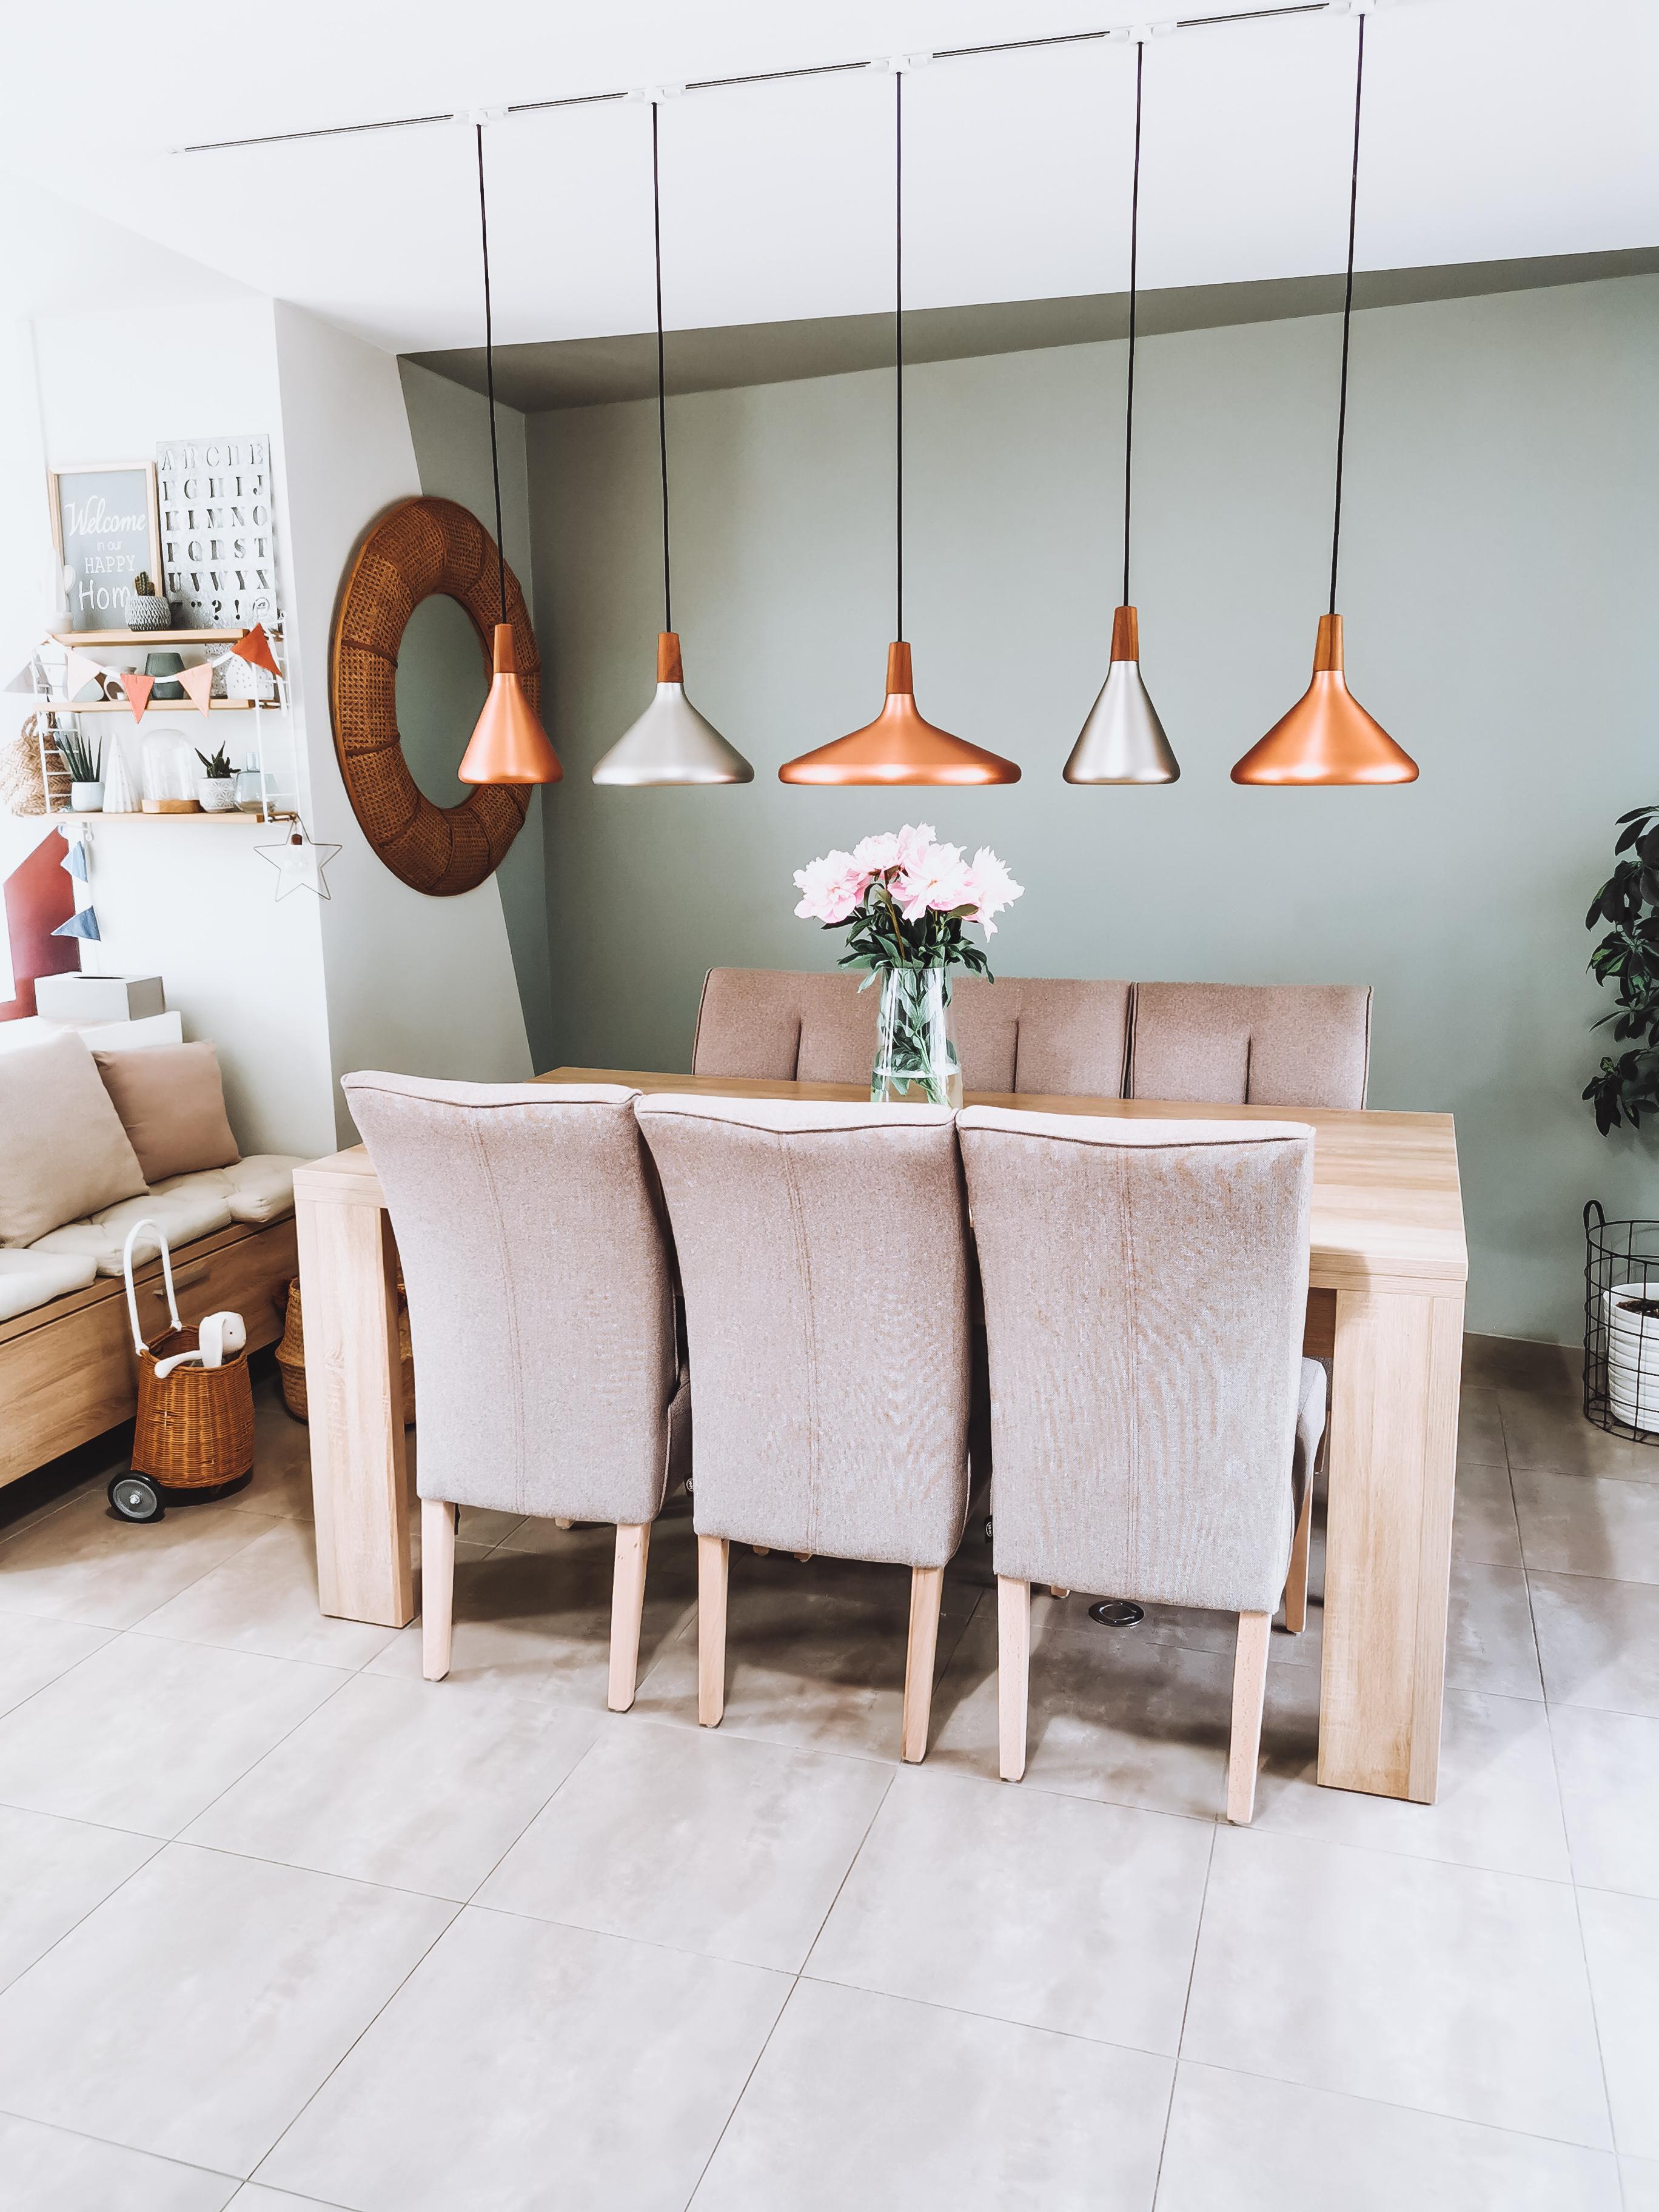 décoration salle à manger avec installation de suspensions Sérézin